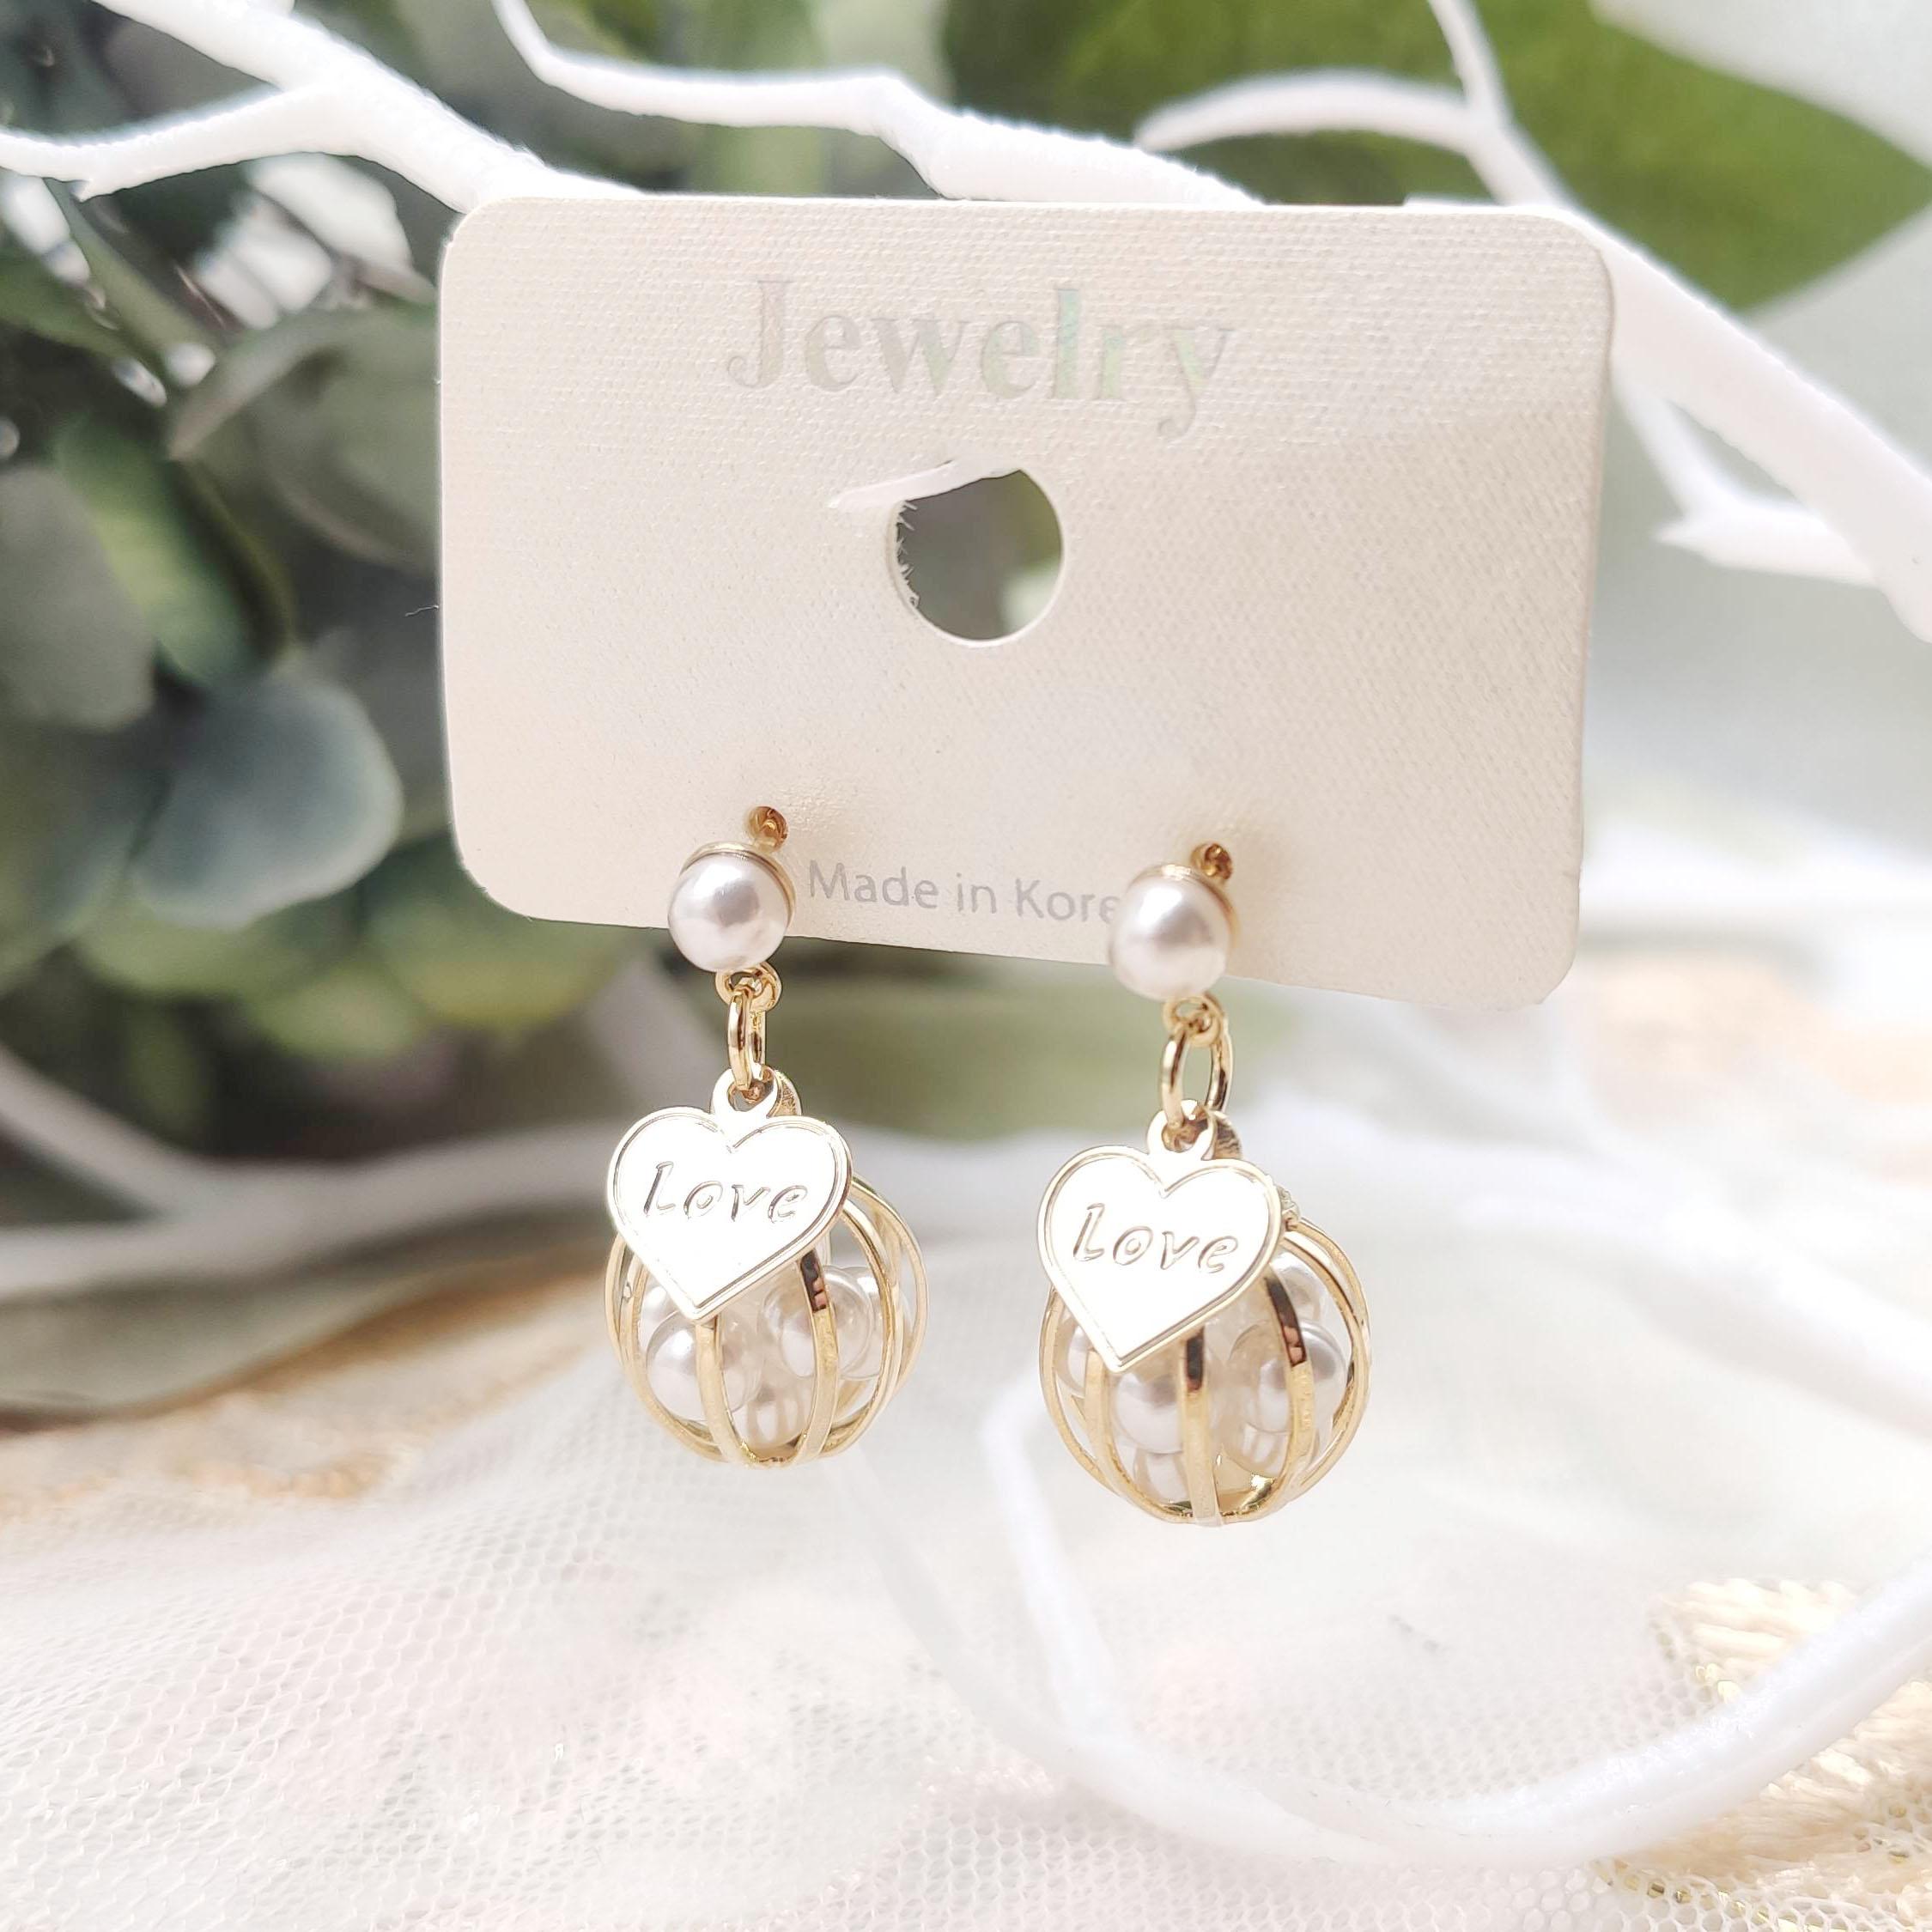 韓國製造-金絲小珍珠環耳環